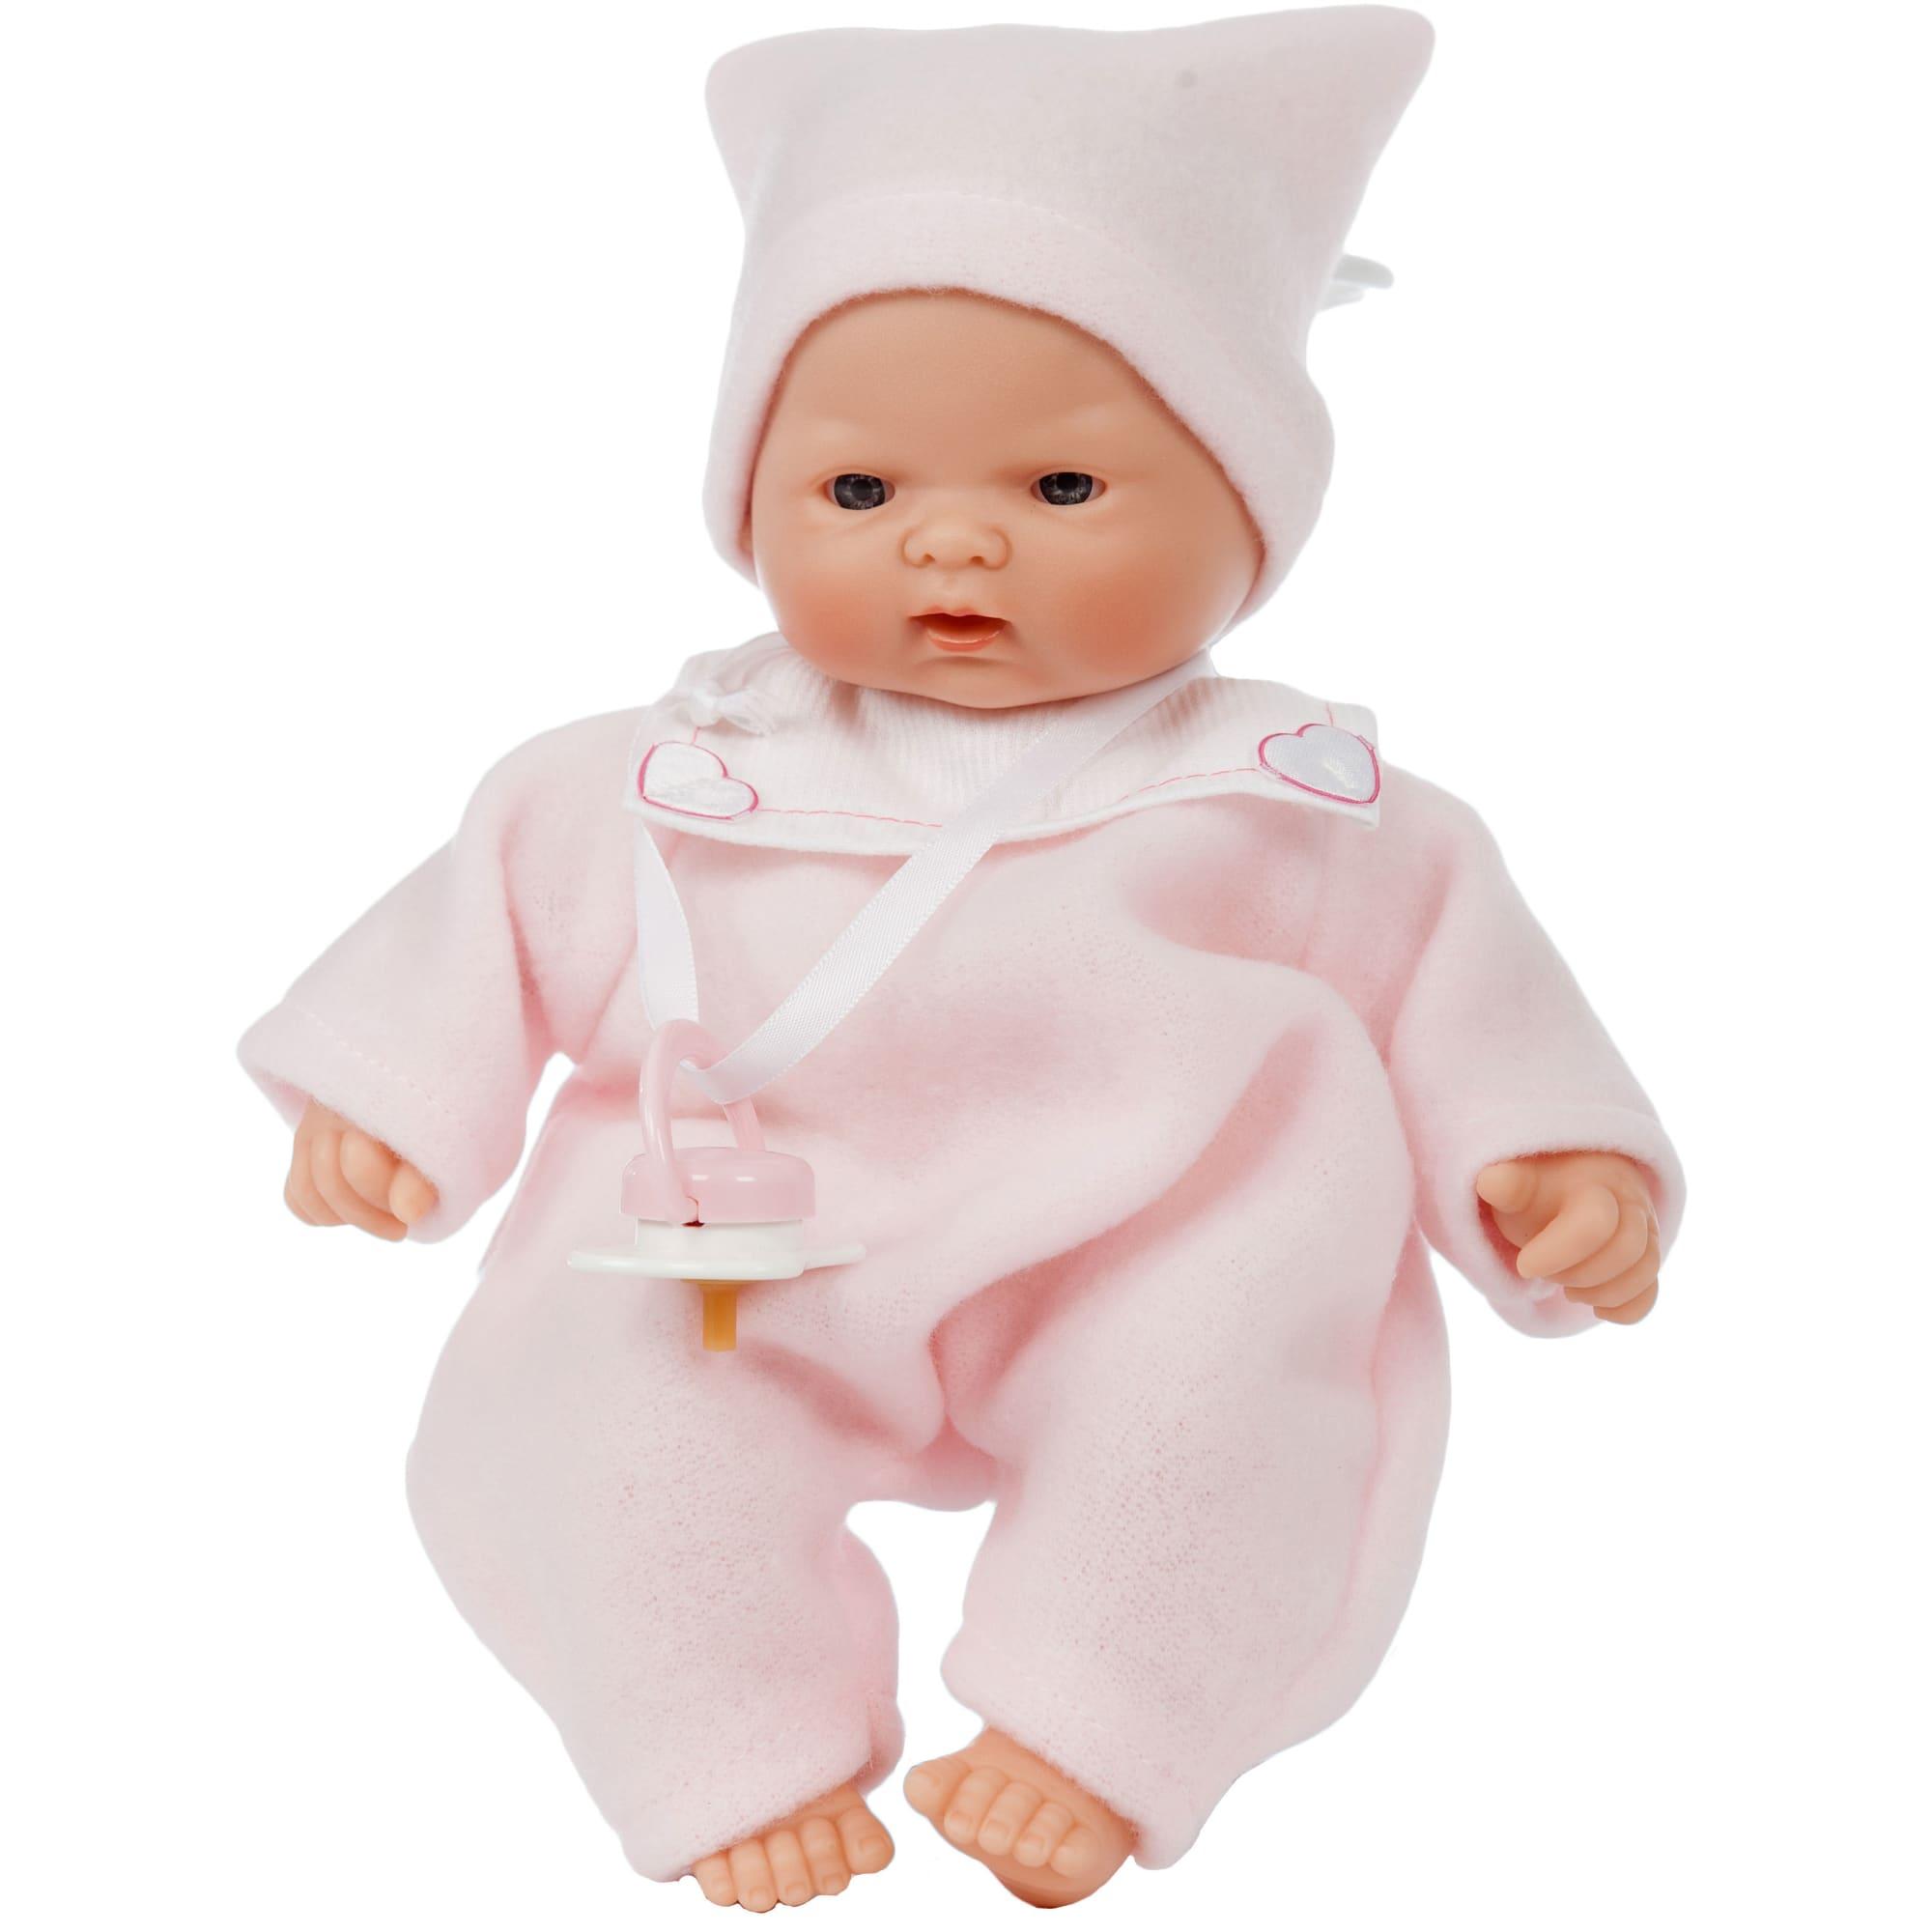 24 cm - Med livagtige træk og blød krop - God til mindre børn